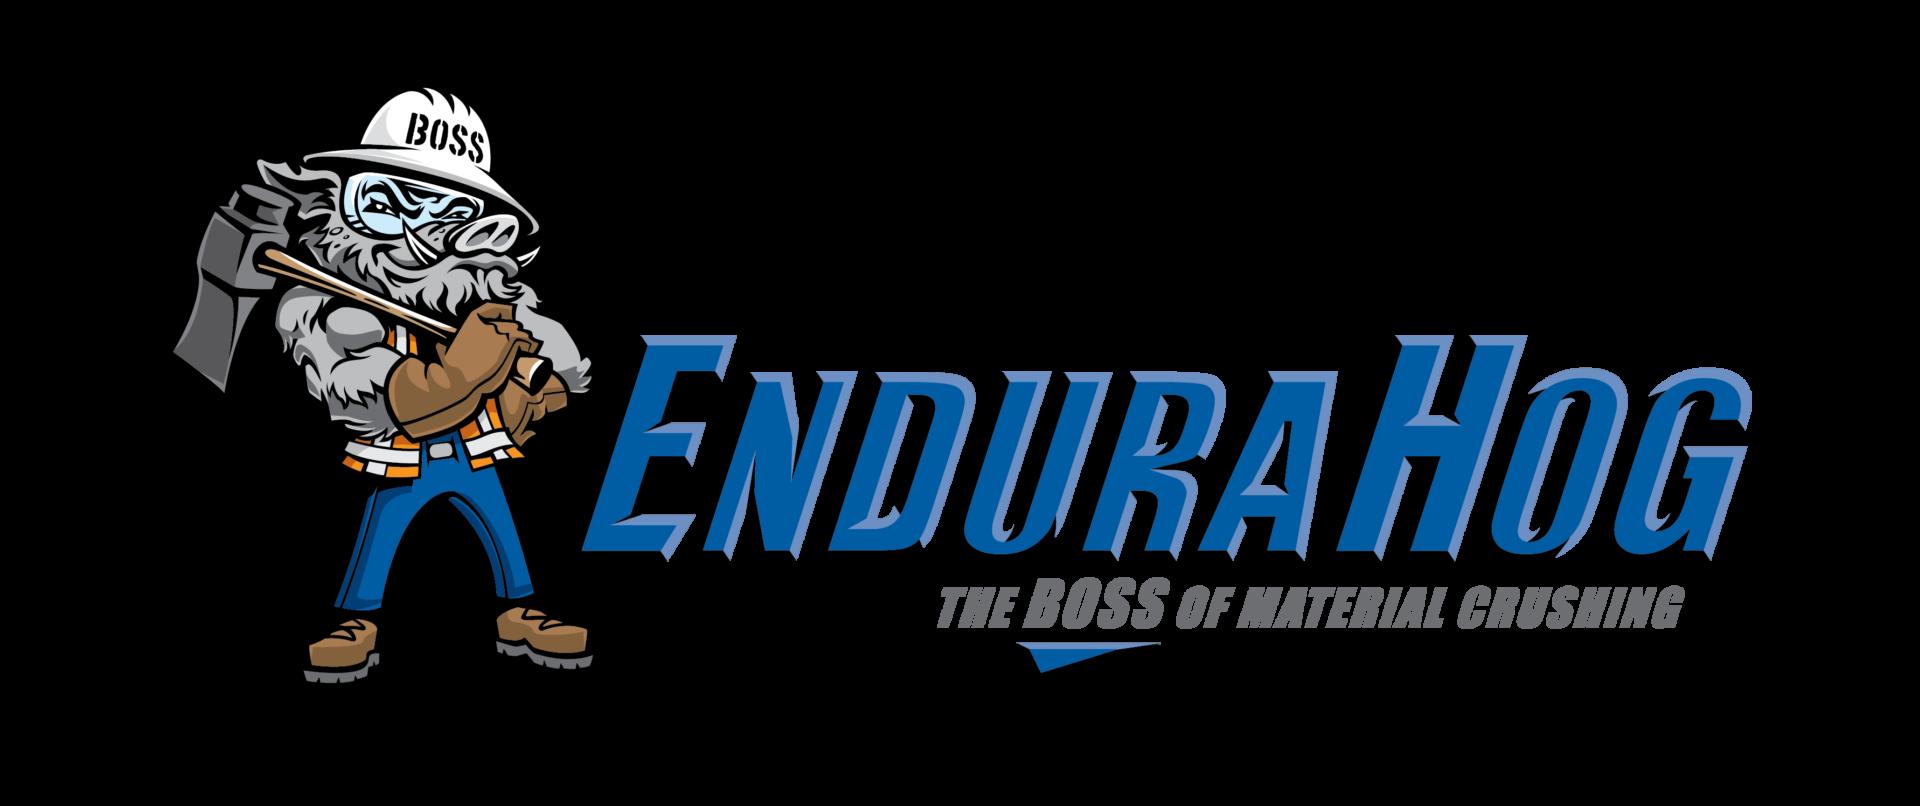 EnduraHog Logo